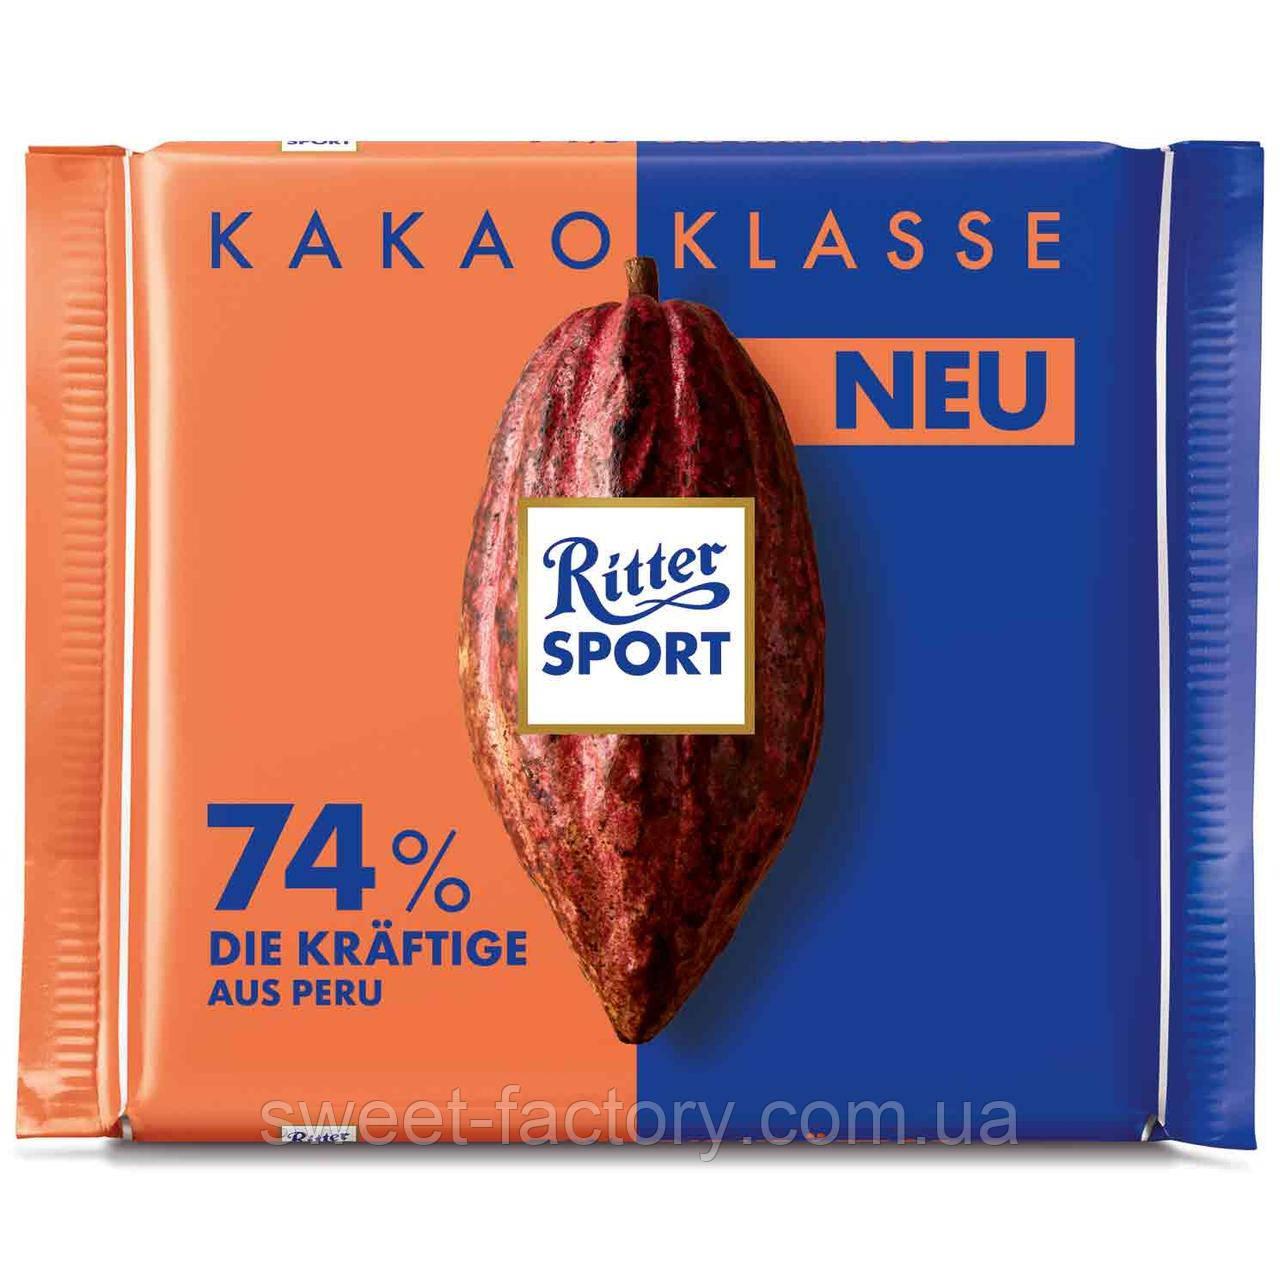 Ritter Sport Kakao Klasse 74 %